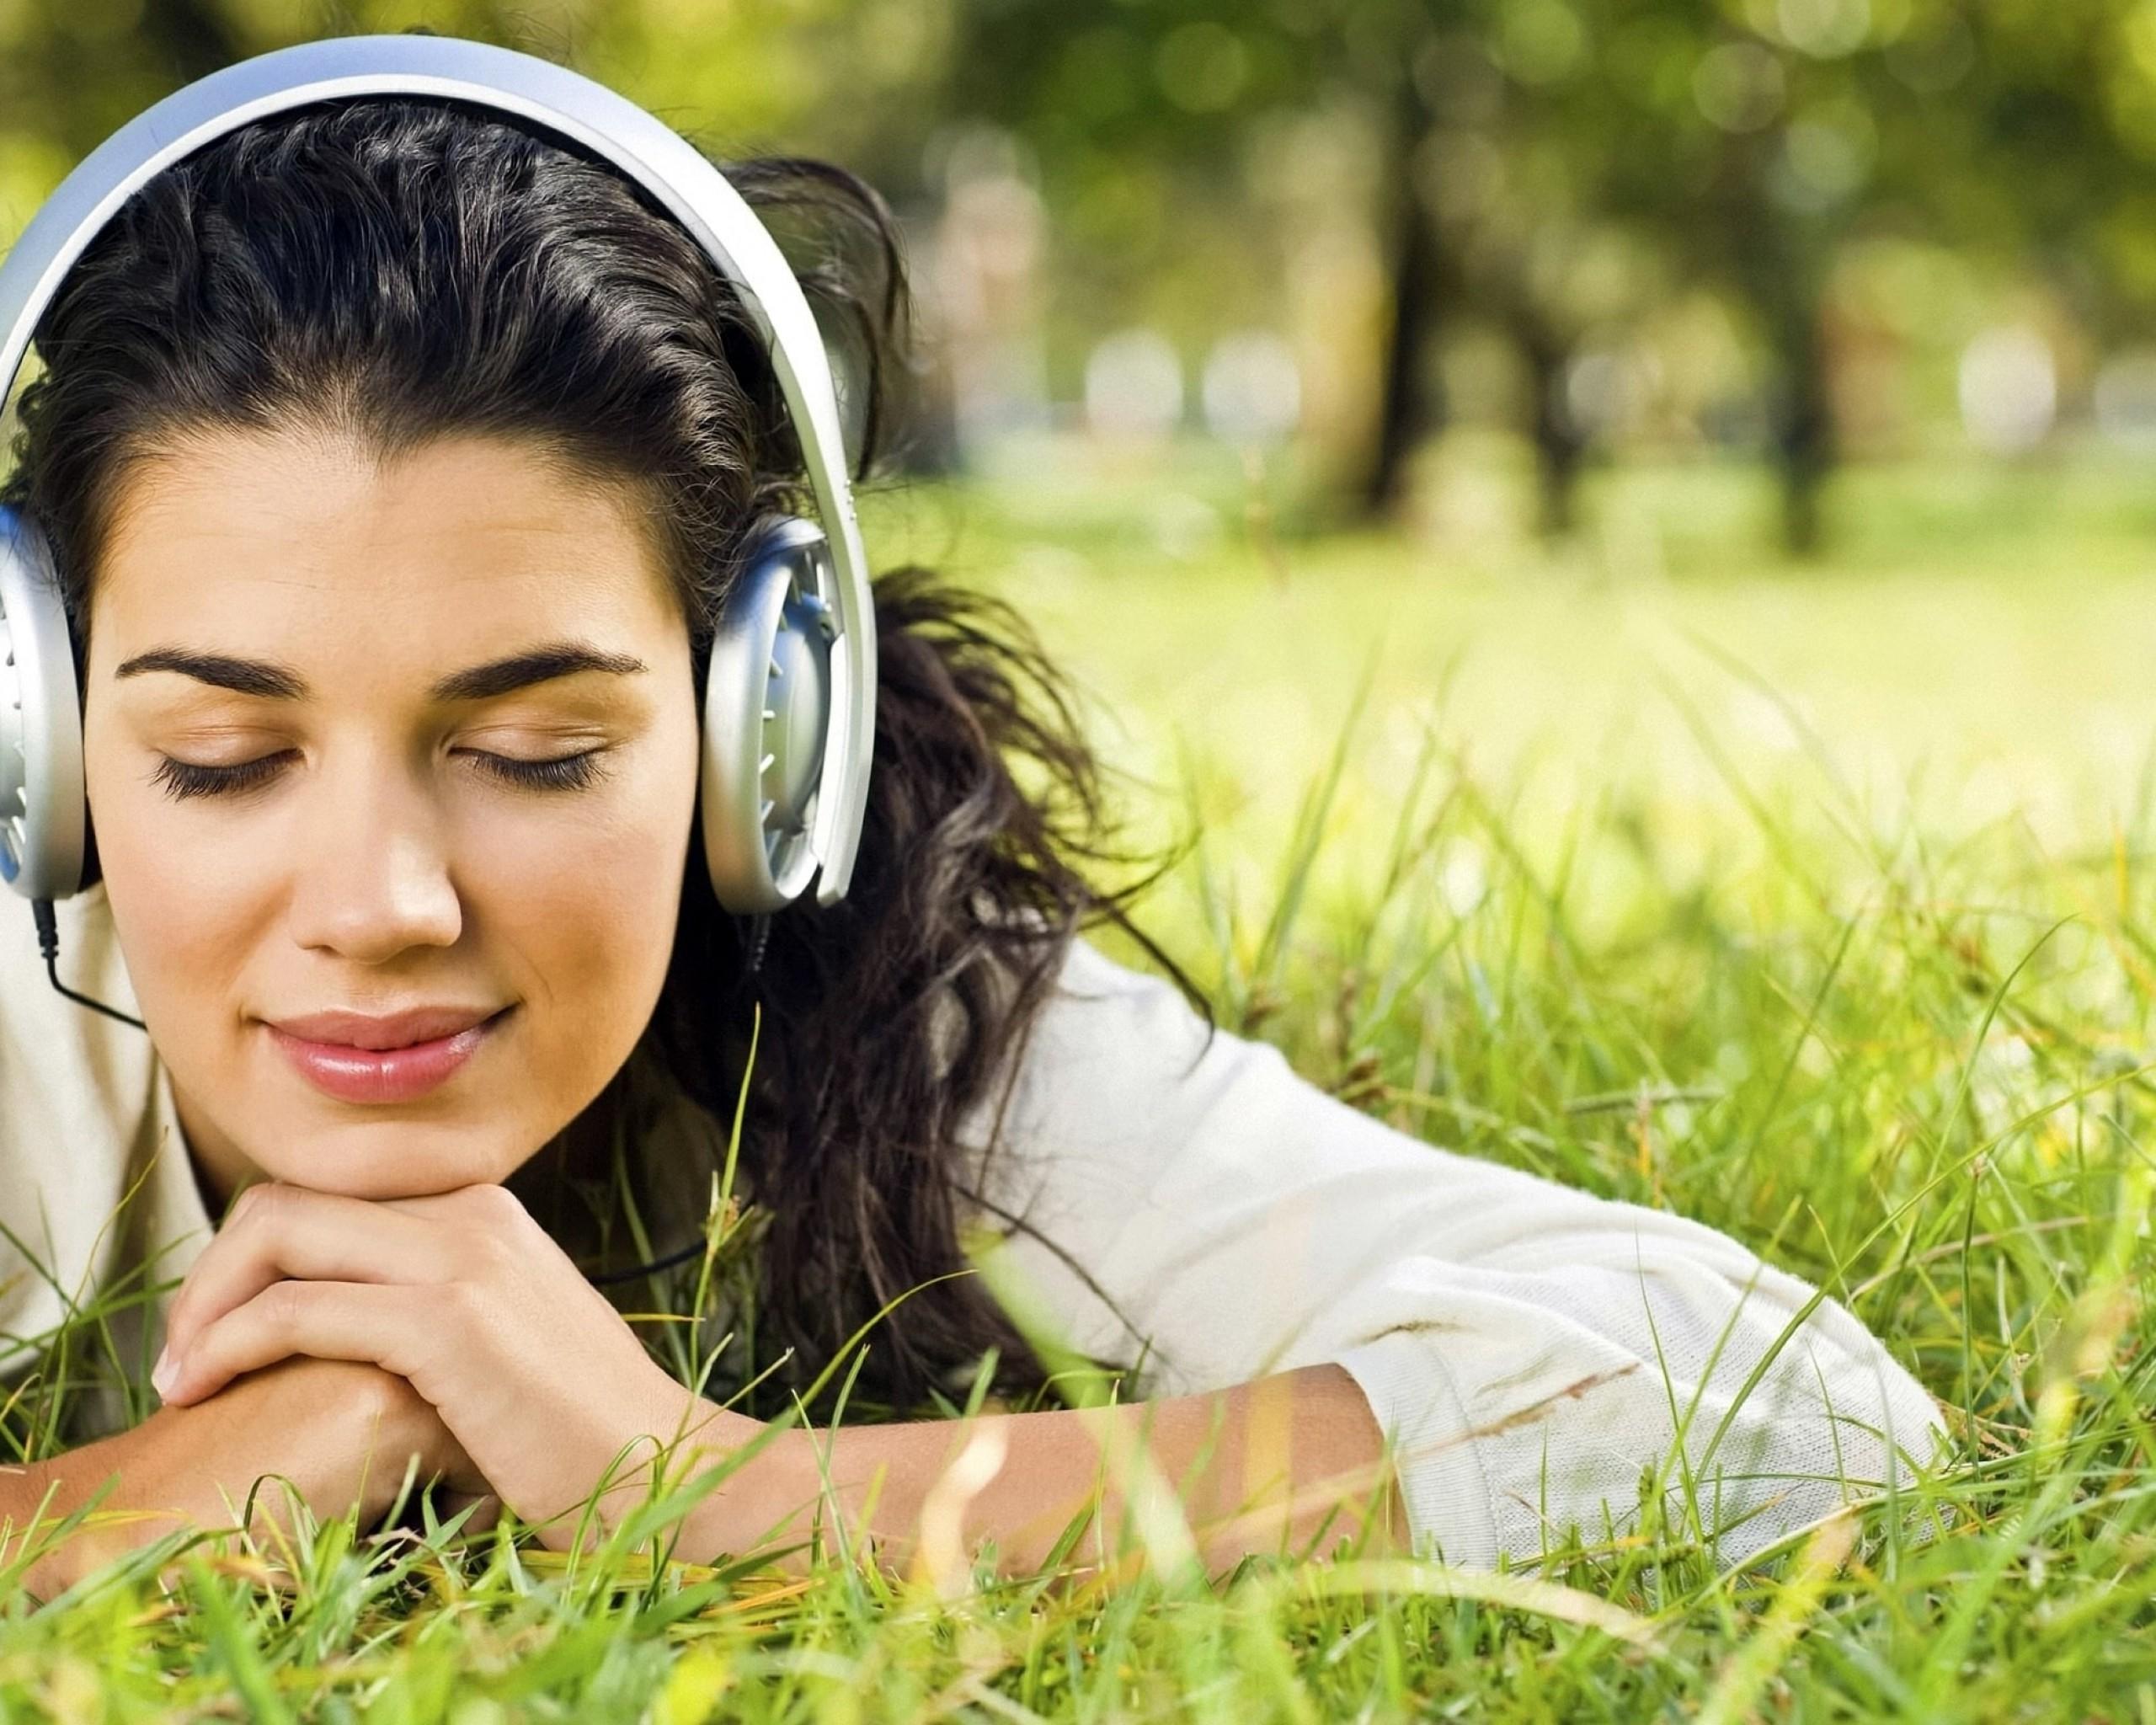 woman-girl-smile-headphones-brunette-grass-park-girls-2048x2560